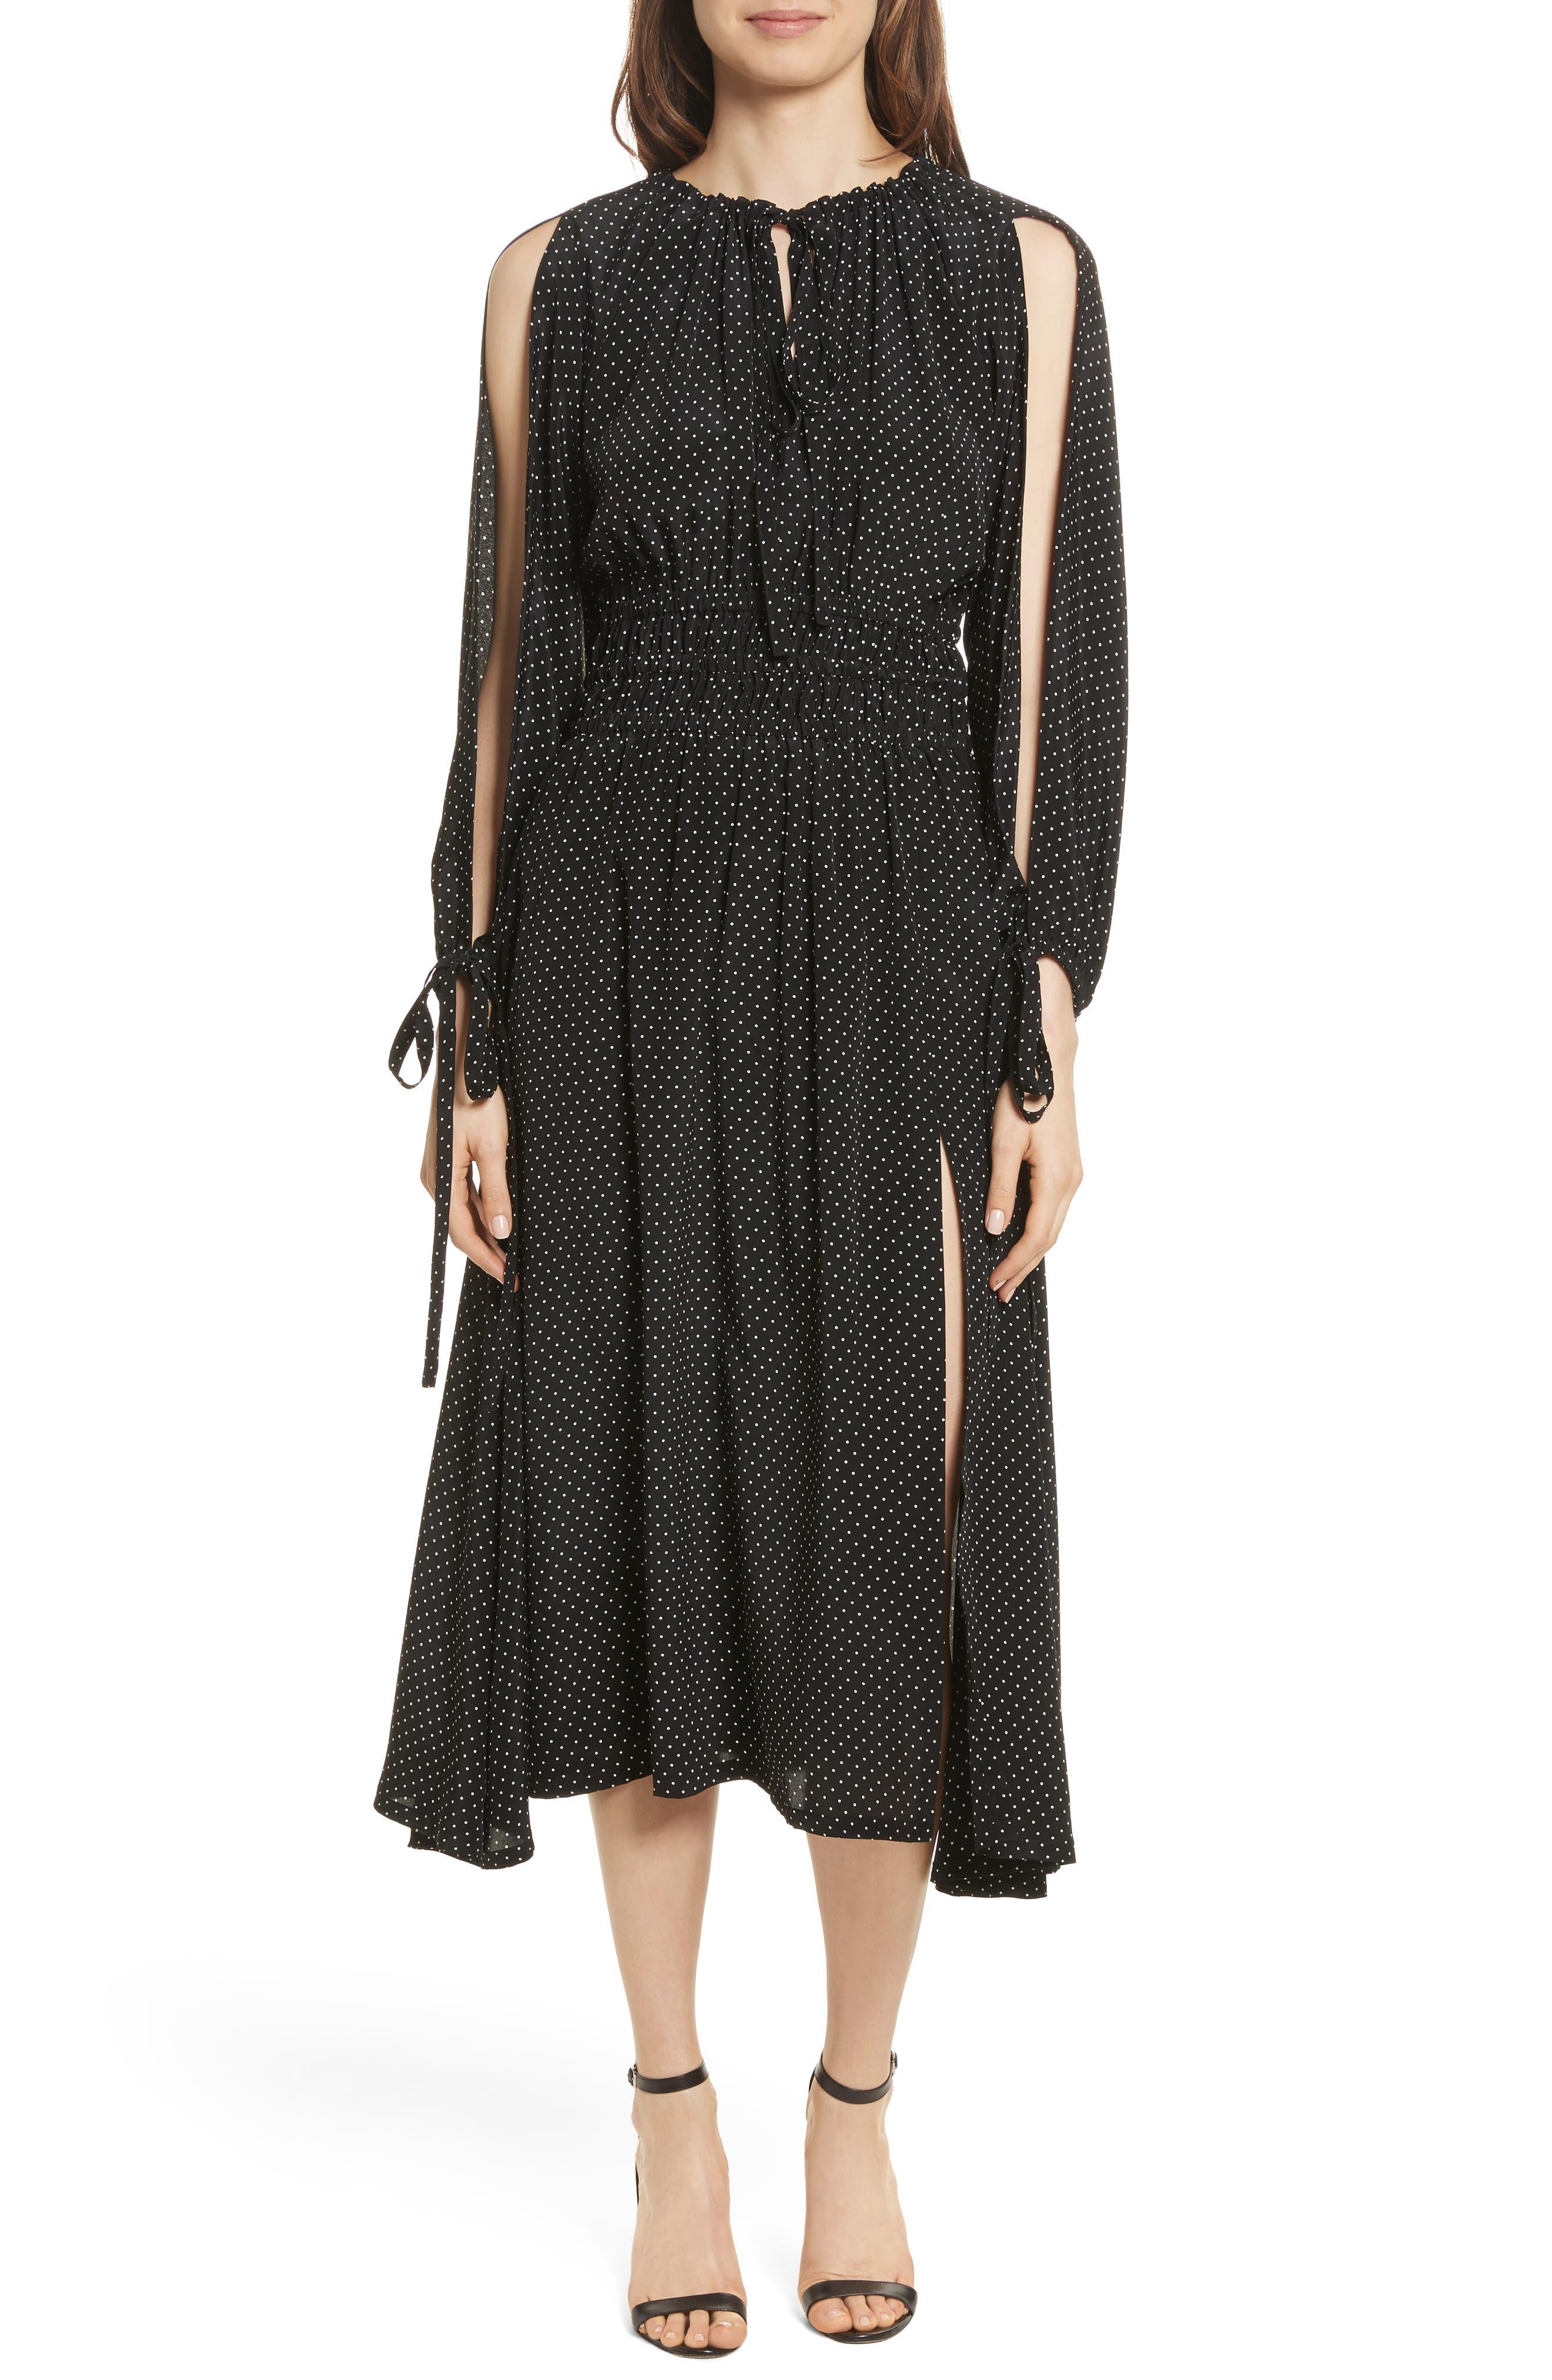 Alternate Image 1 Selected - Robert Rodriguez Polka Dot Silk Cold Shoulder Dress